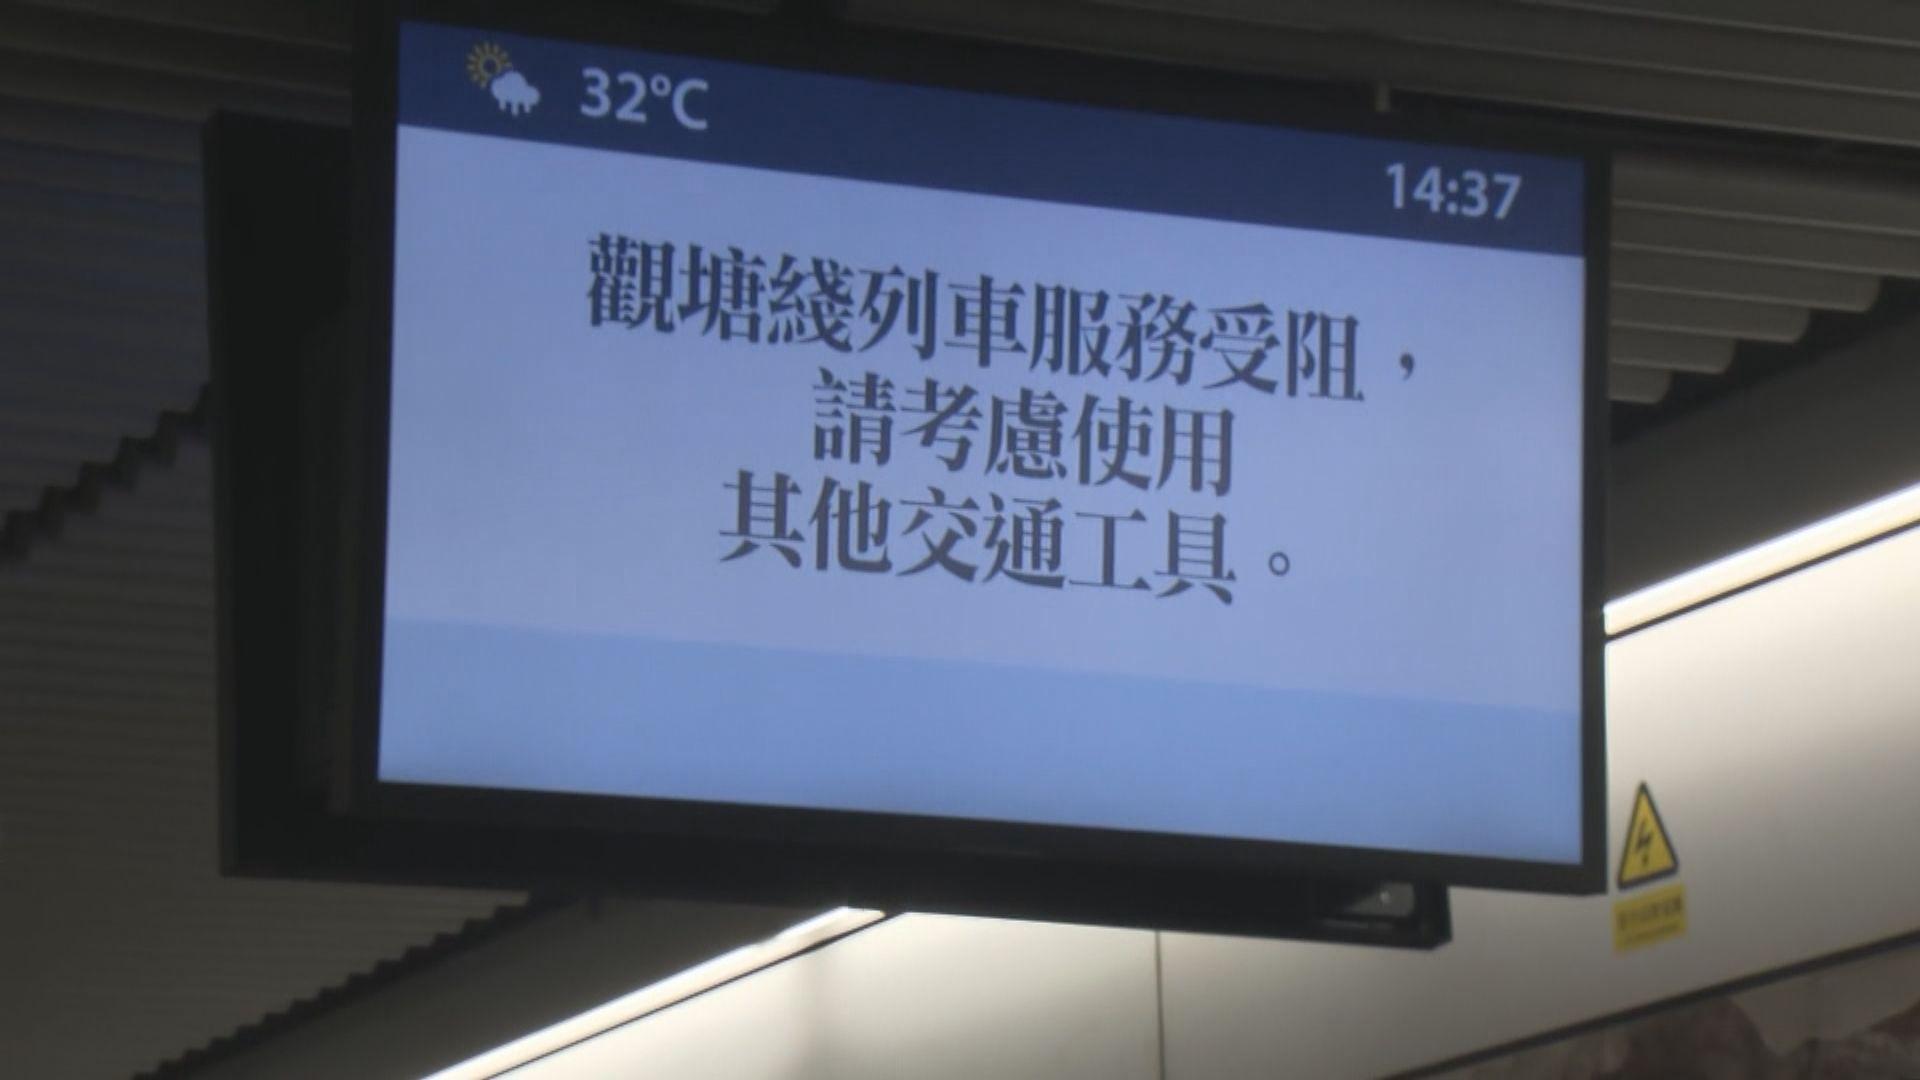 港鐵信號故障 九龍塘至觀塘站服務一度暫停半小時